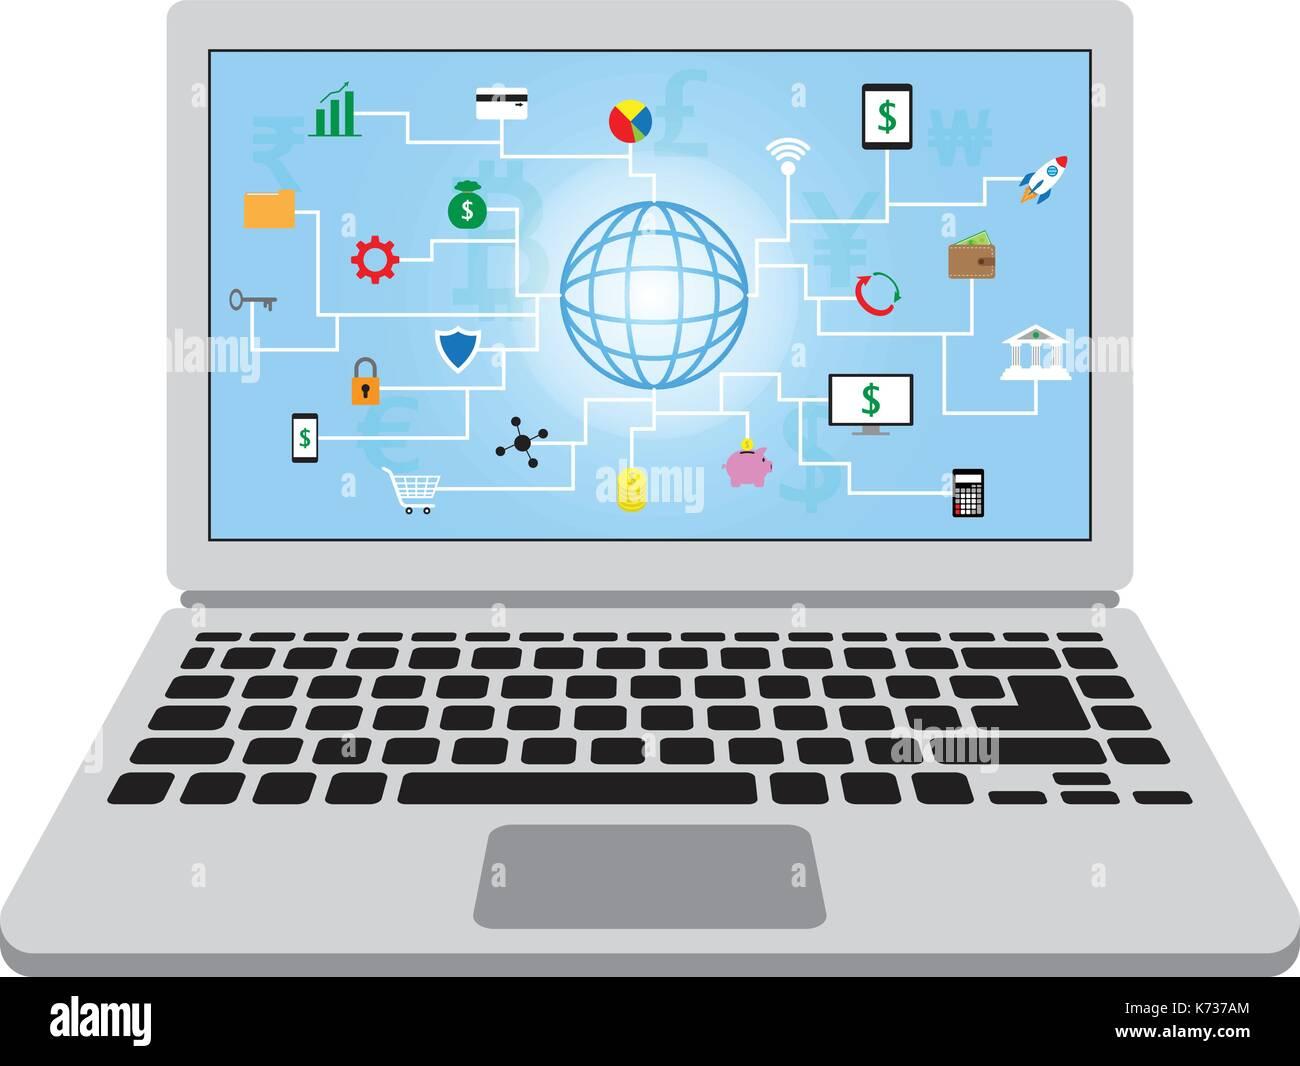 22 fintech iconos en torno a un globo con fondo azul y varias monedas en la pantalla de la laptop que involucran en la tecnología financiera. Imagen De Stock